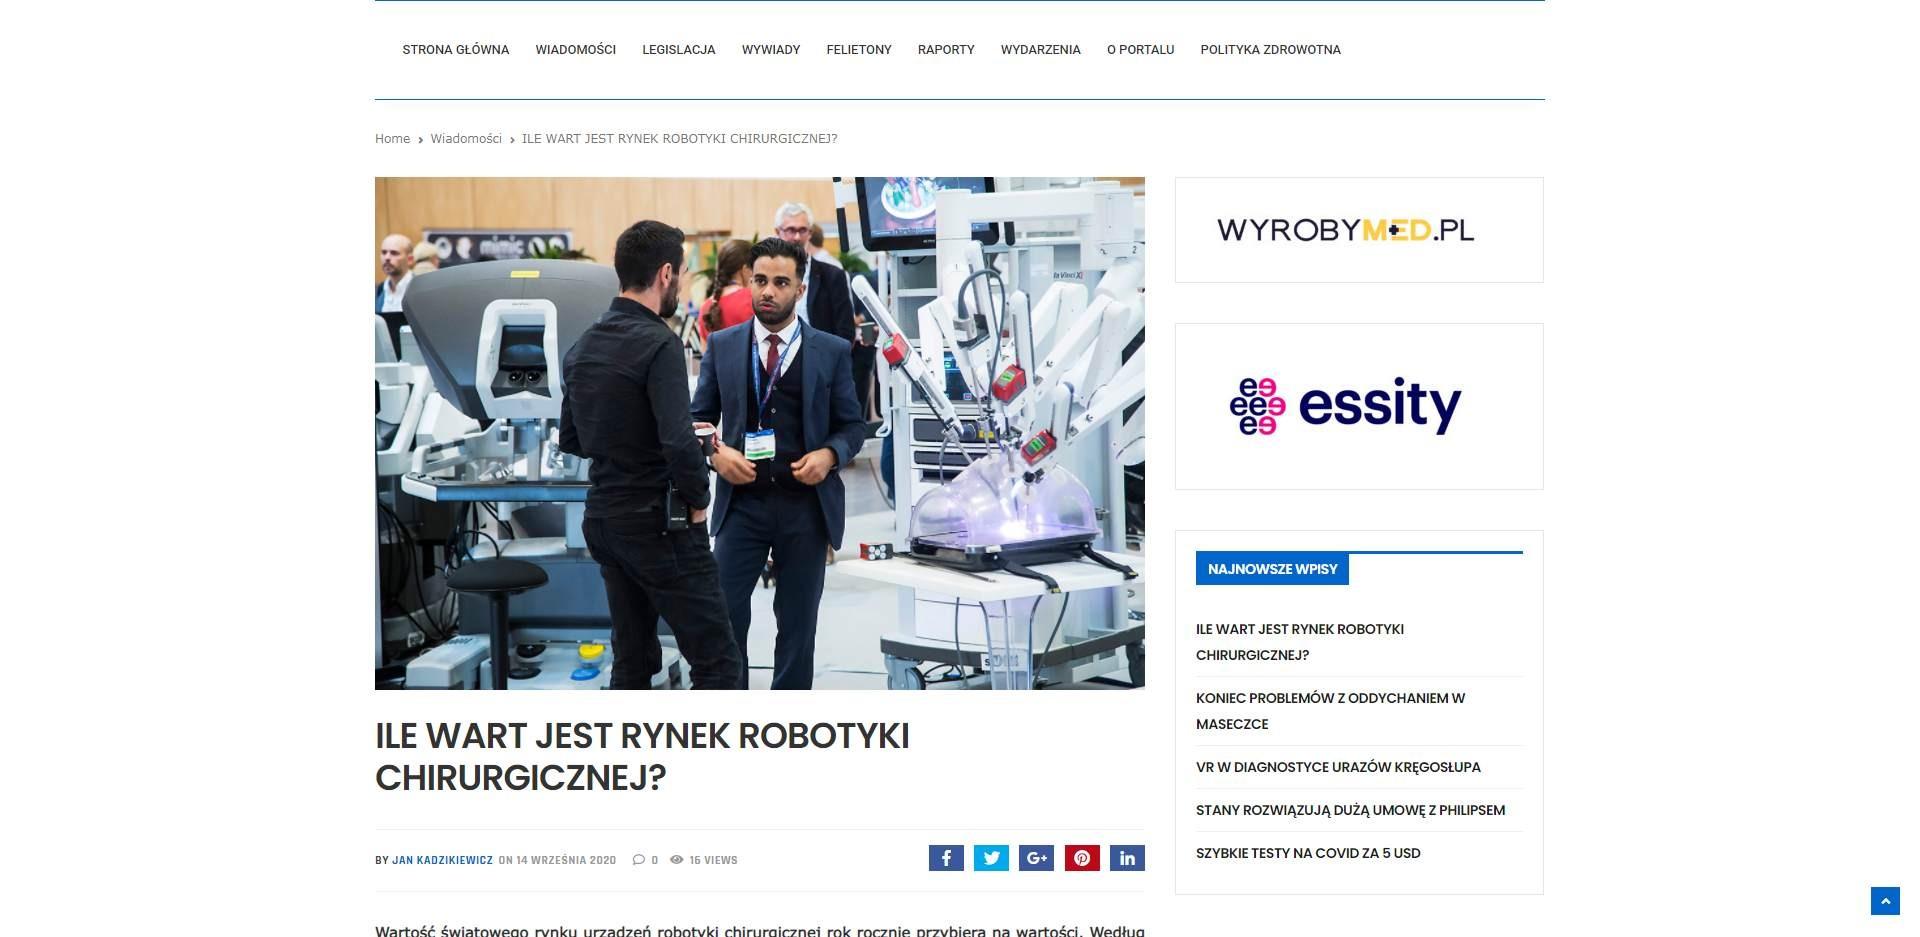 ile wart jest rynek robotyki chirurgicznej